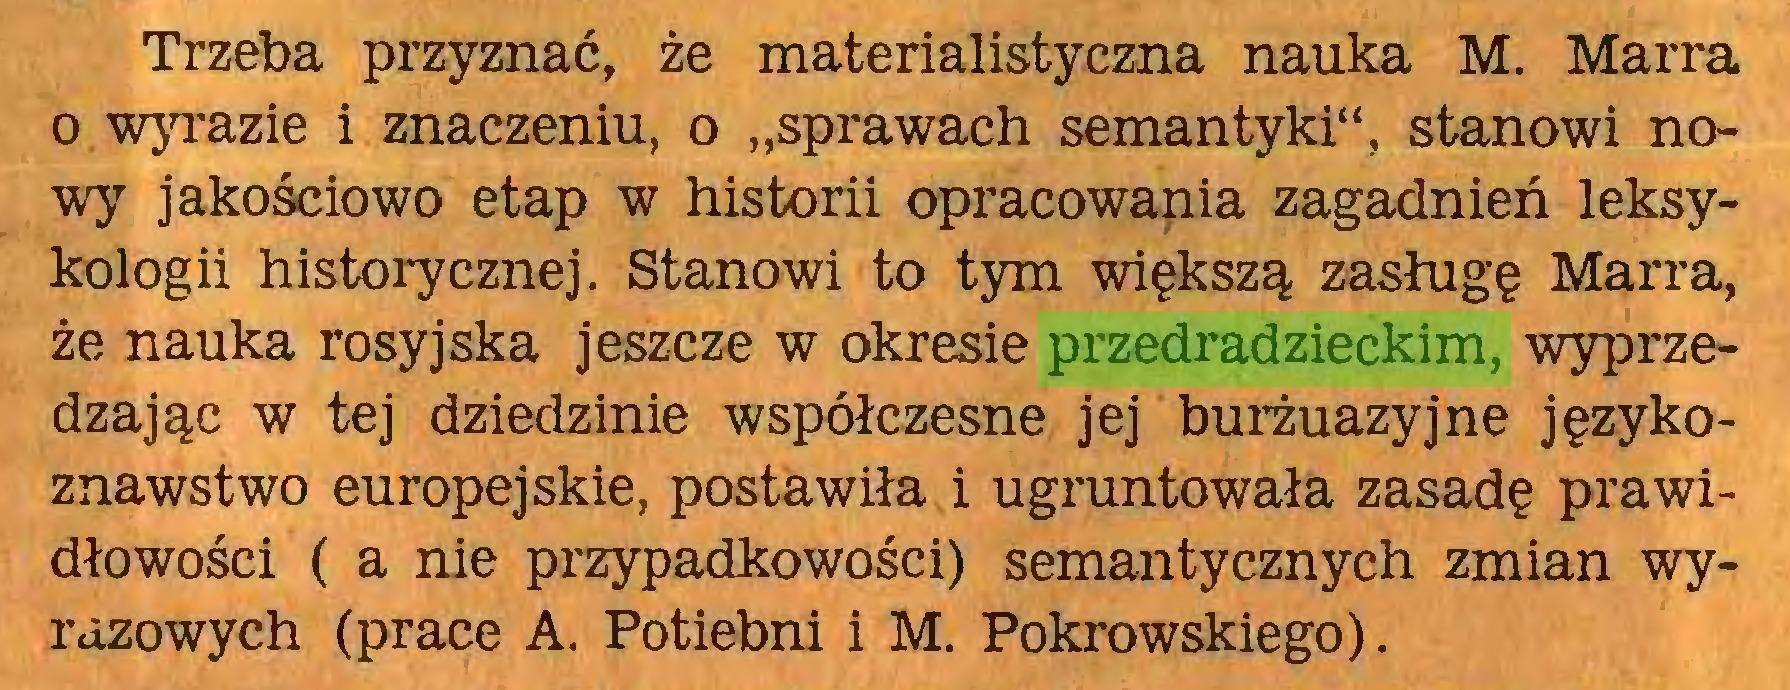 """(...) Trzeba przyznać, że materialistyczna nauka M. Marra o wyrazie i znaczeniu, o """"sprawach semantyki"""", stanowi nowy jakościowo etap w historii opracowania zagadnień leksykologii historycznej. Stanowi to tym większą zasługę Marra, że nauka rosyjska jeszcze w okresie przedradzieckim, wyprzedzając w tej dziedzinie współczesne jej burżuazyjne językoznawstwo europejskie, postawiła i ugruntowała zasadę prawidłowości ( a nie przypadkowości) semantycznych zmian wyrazowych (prace A. Potiebni i M. Pokrowskiego)..."""